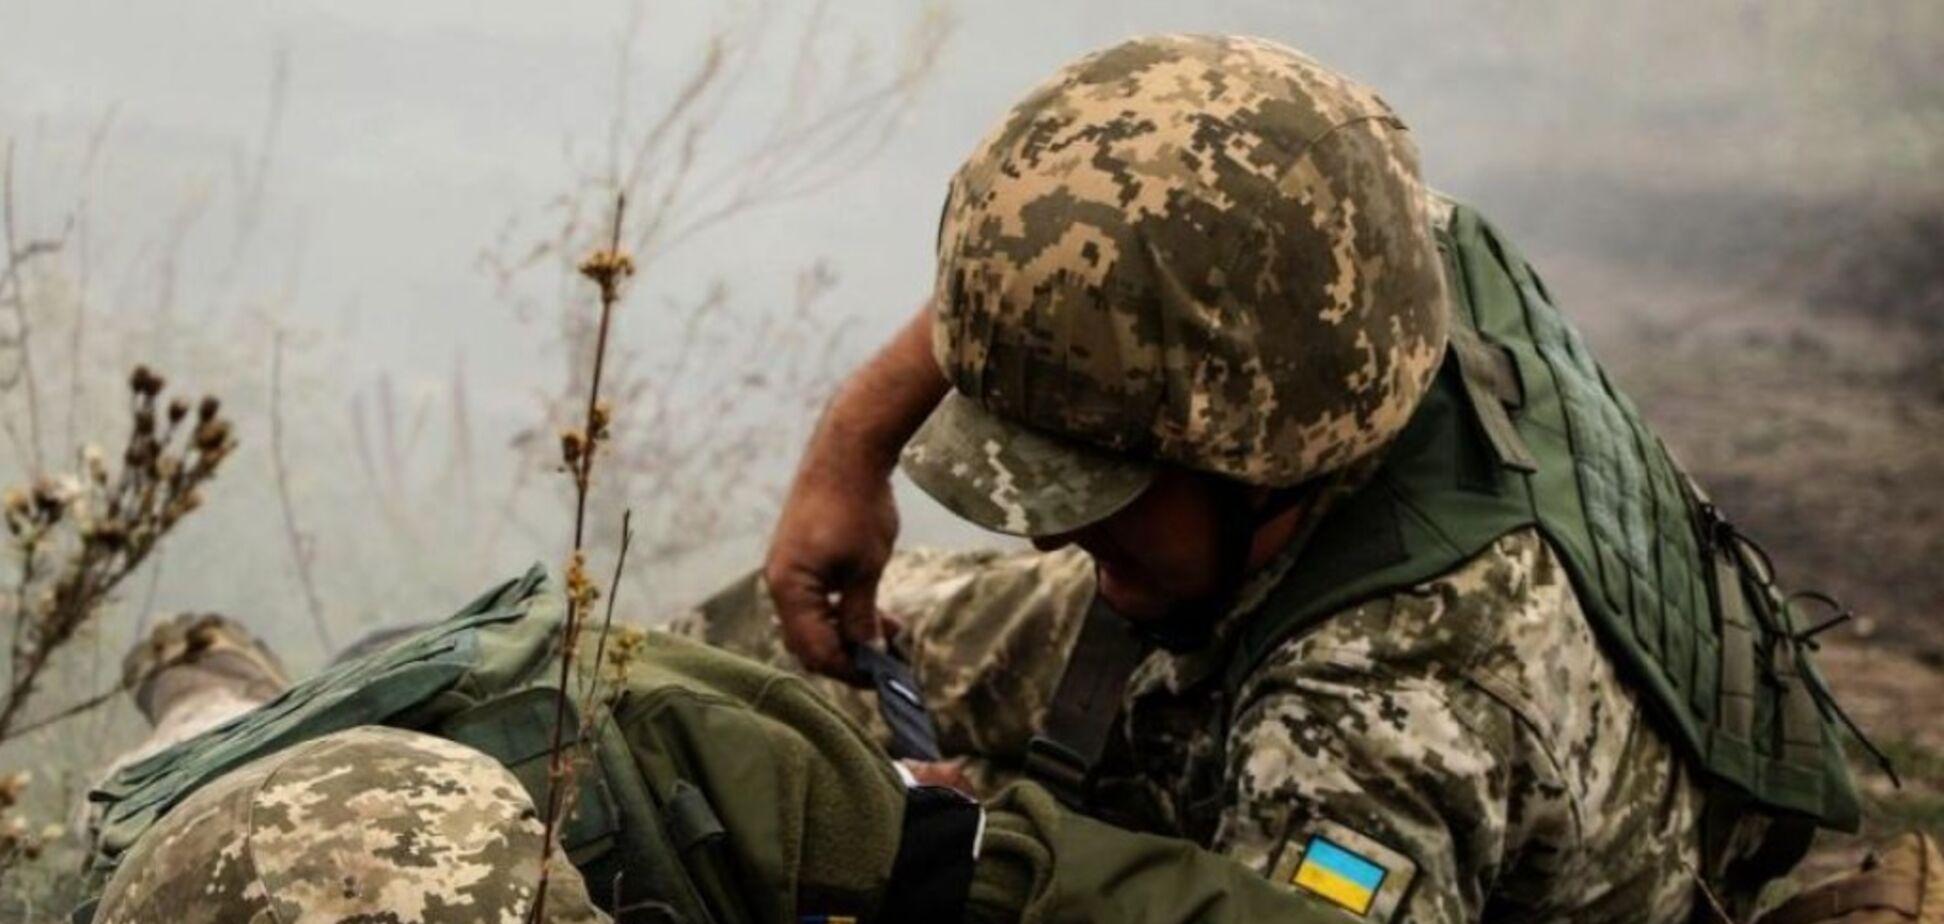 Российские военные ранили бойца ВСУ под Авдеевкой